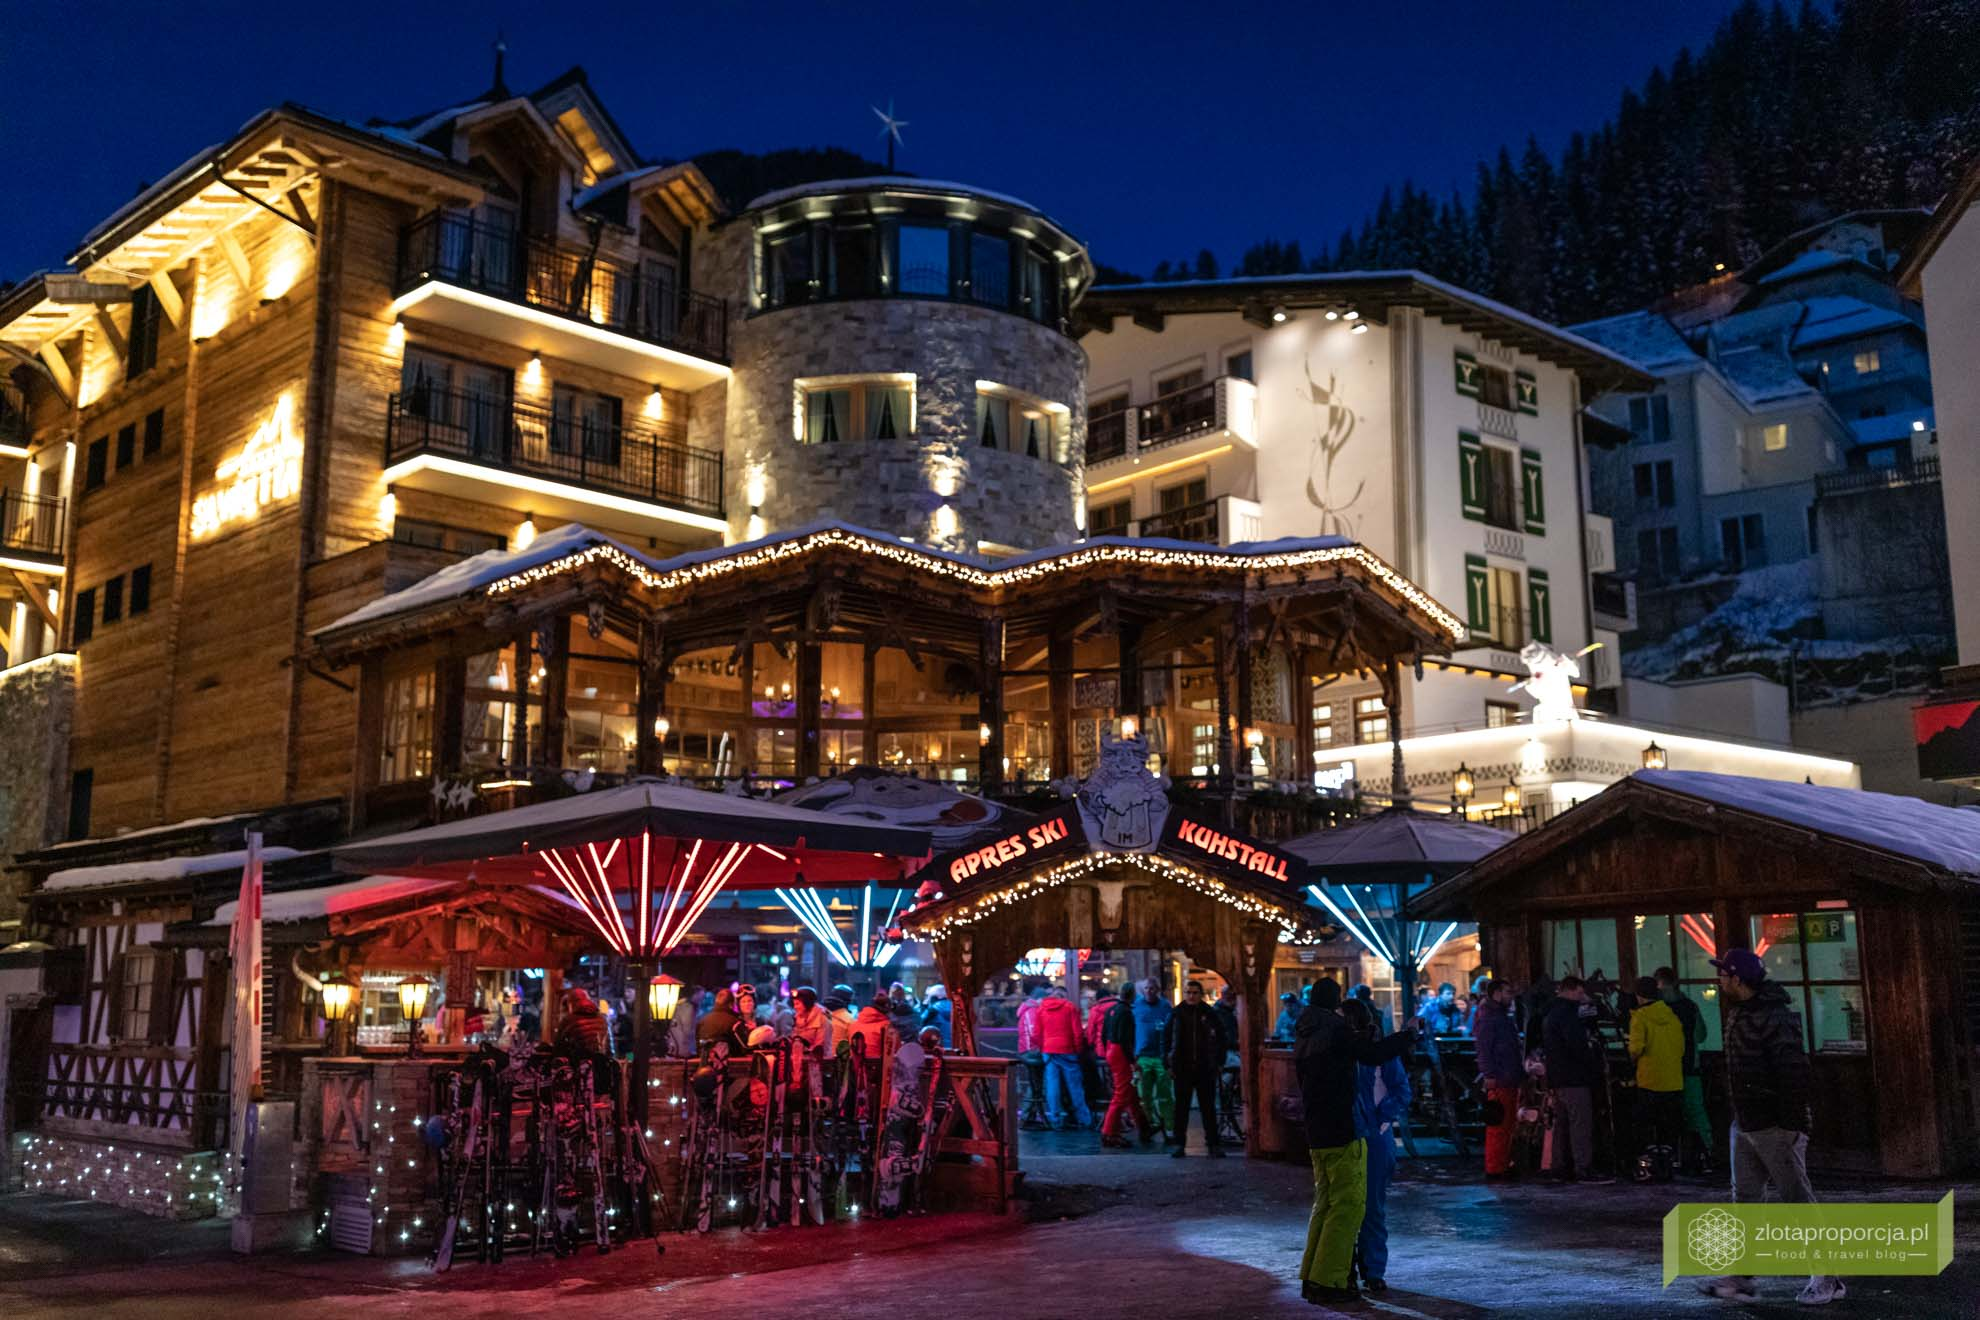 Ischgl; Tyrol; narty w Tyrolu; narty w Austrii; Kuhstal Ischgl; Apres ski Ischgl;